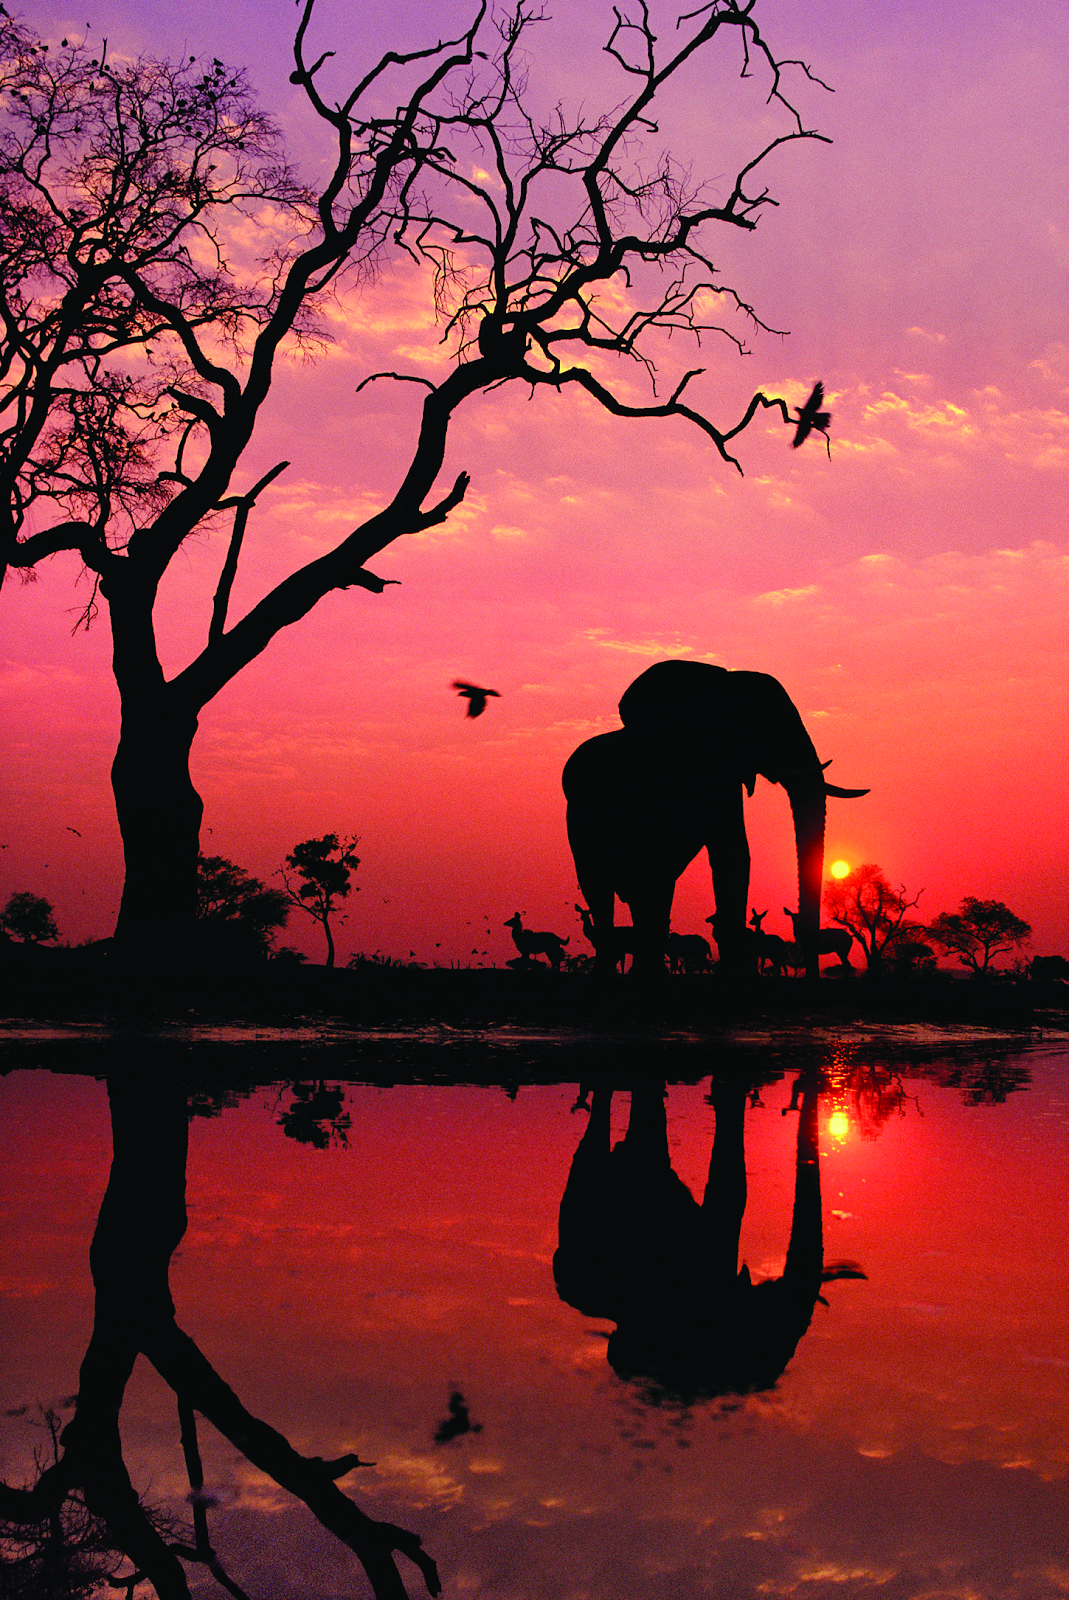 Una silueta del amanecer de un elefante salvaje y otros animales en Botswana, por el famoso fotógrafo Frans Lanting